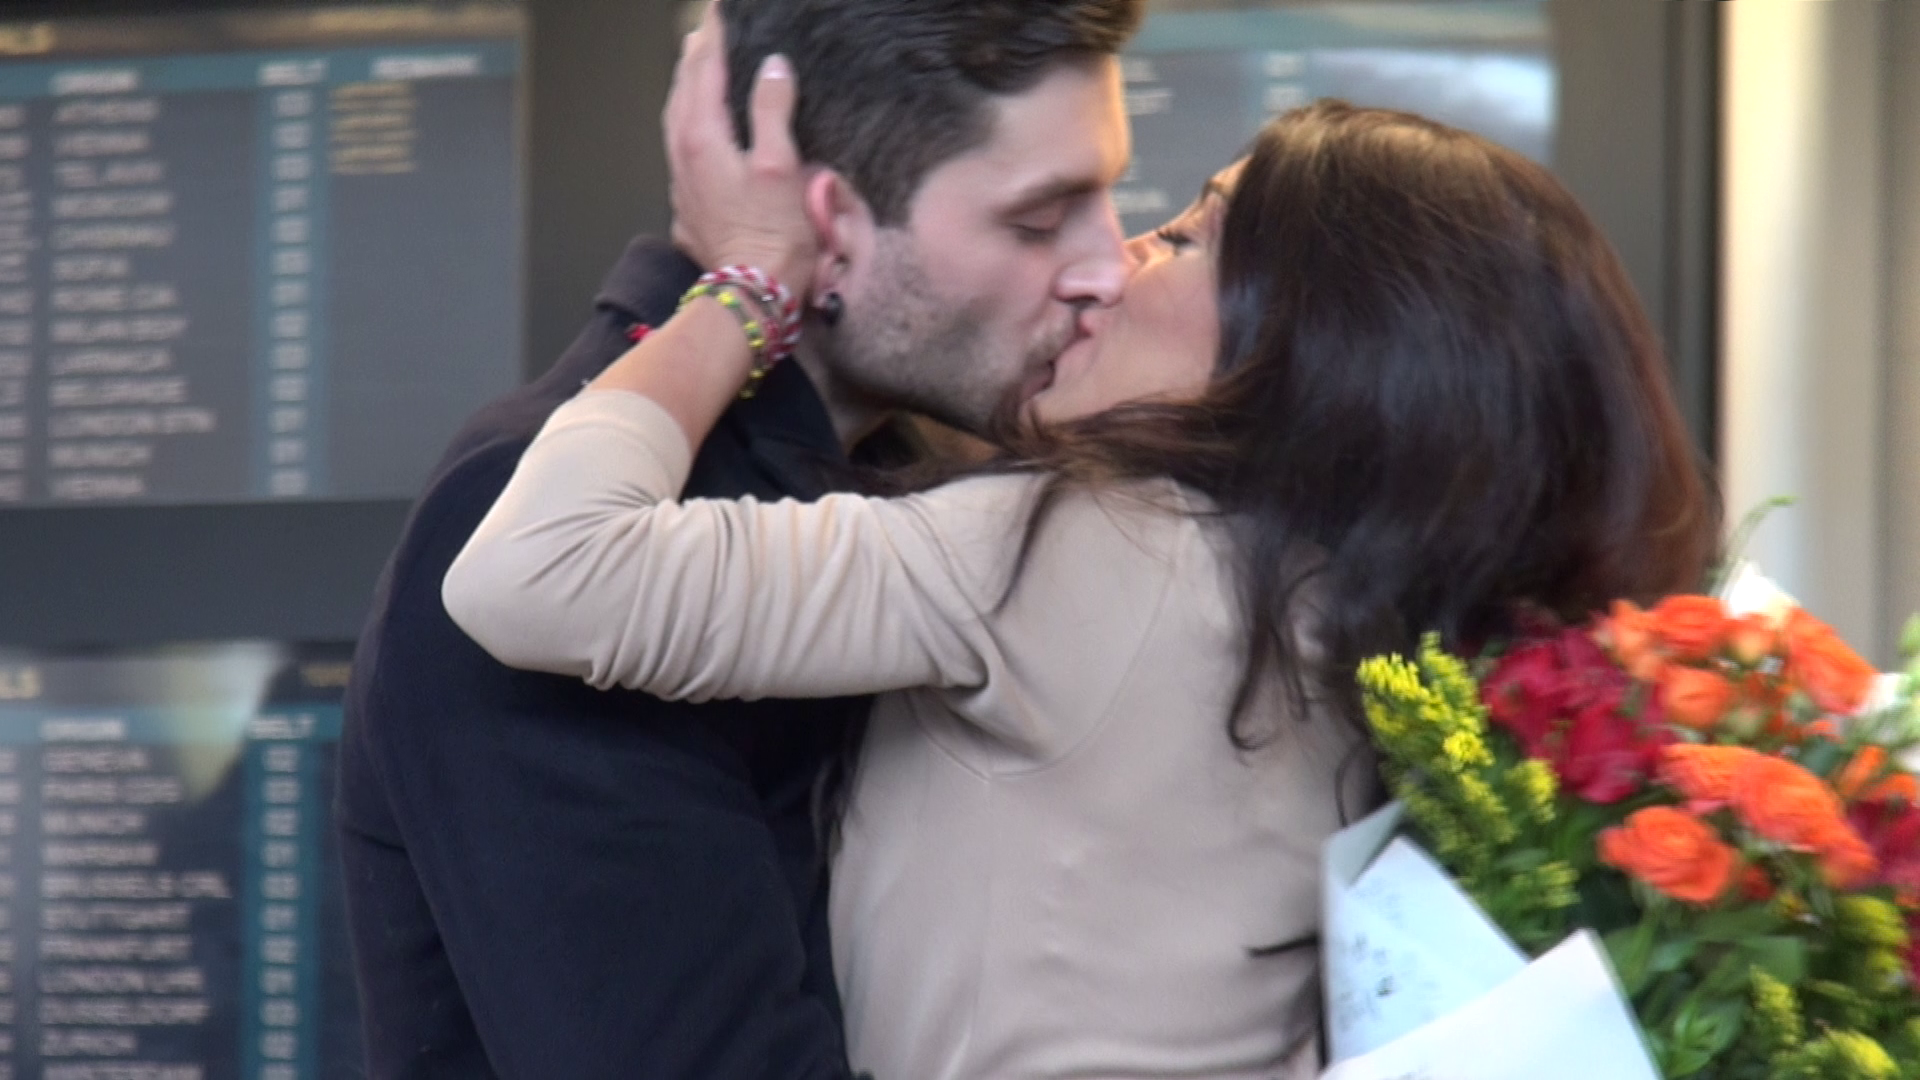 Minute bune s-au sarutat in mijlocul aeroportului